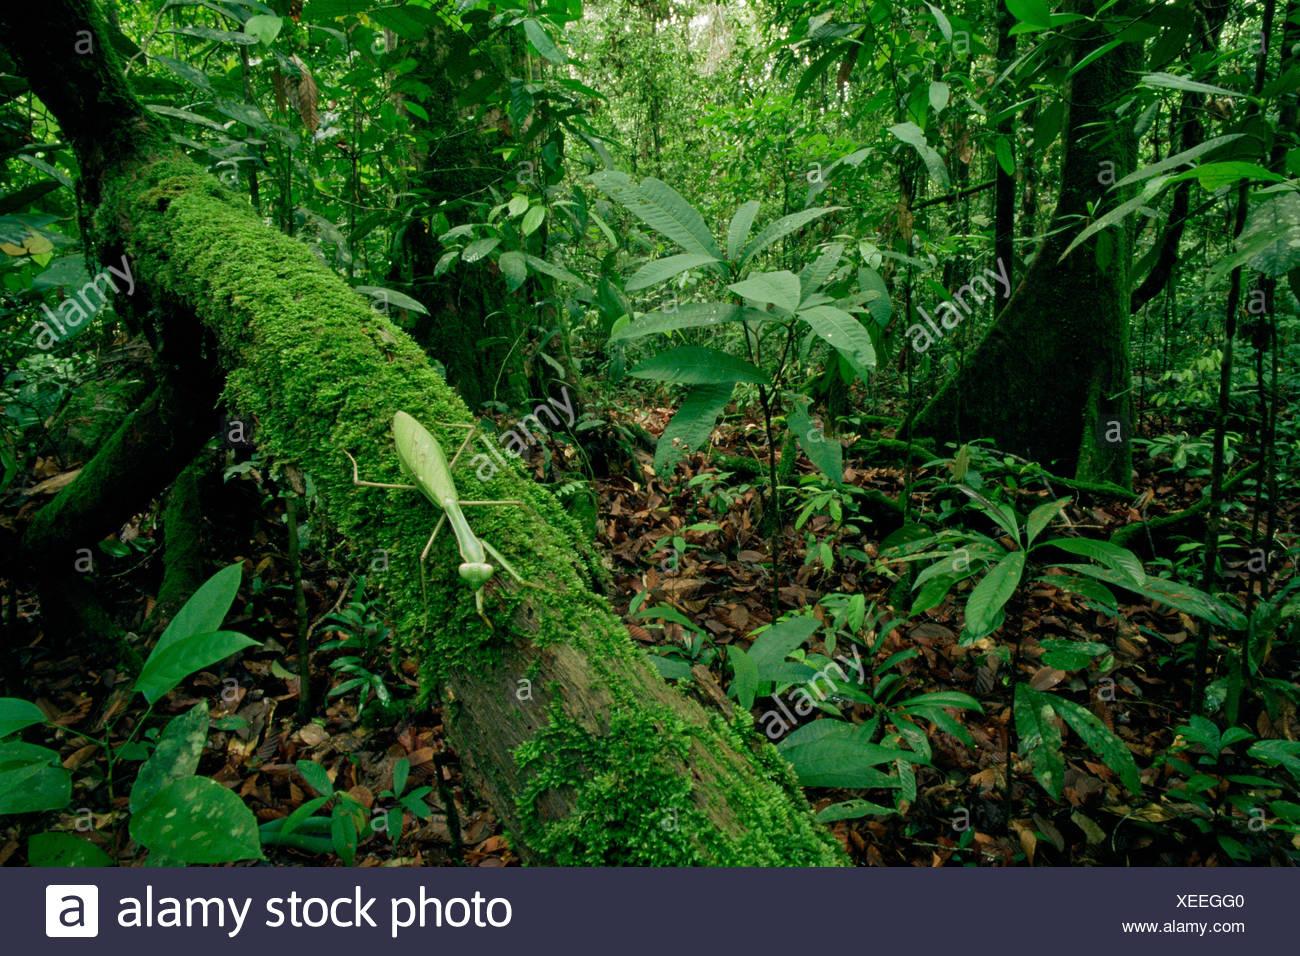 Mantide religiosa (Mantodea) foglia verde mimare tipo a piedi lungo un ramo di muschio nella foresta pluviale di pianura, Gunung Palung National Park, Borneo, West Kalimantan, Indonesia Immagini Stock